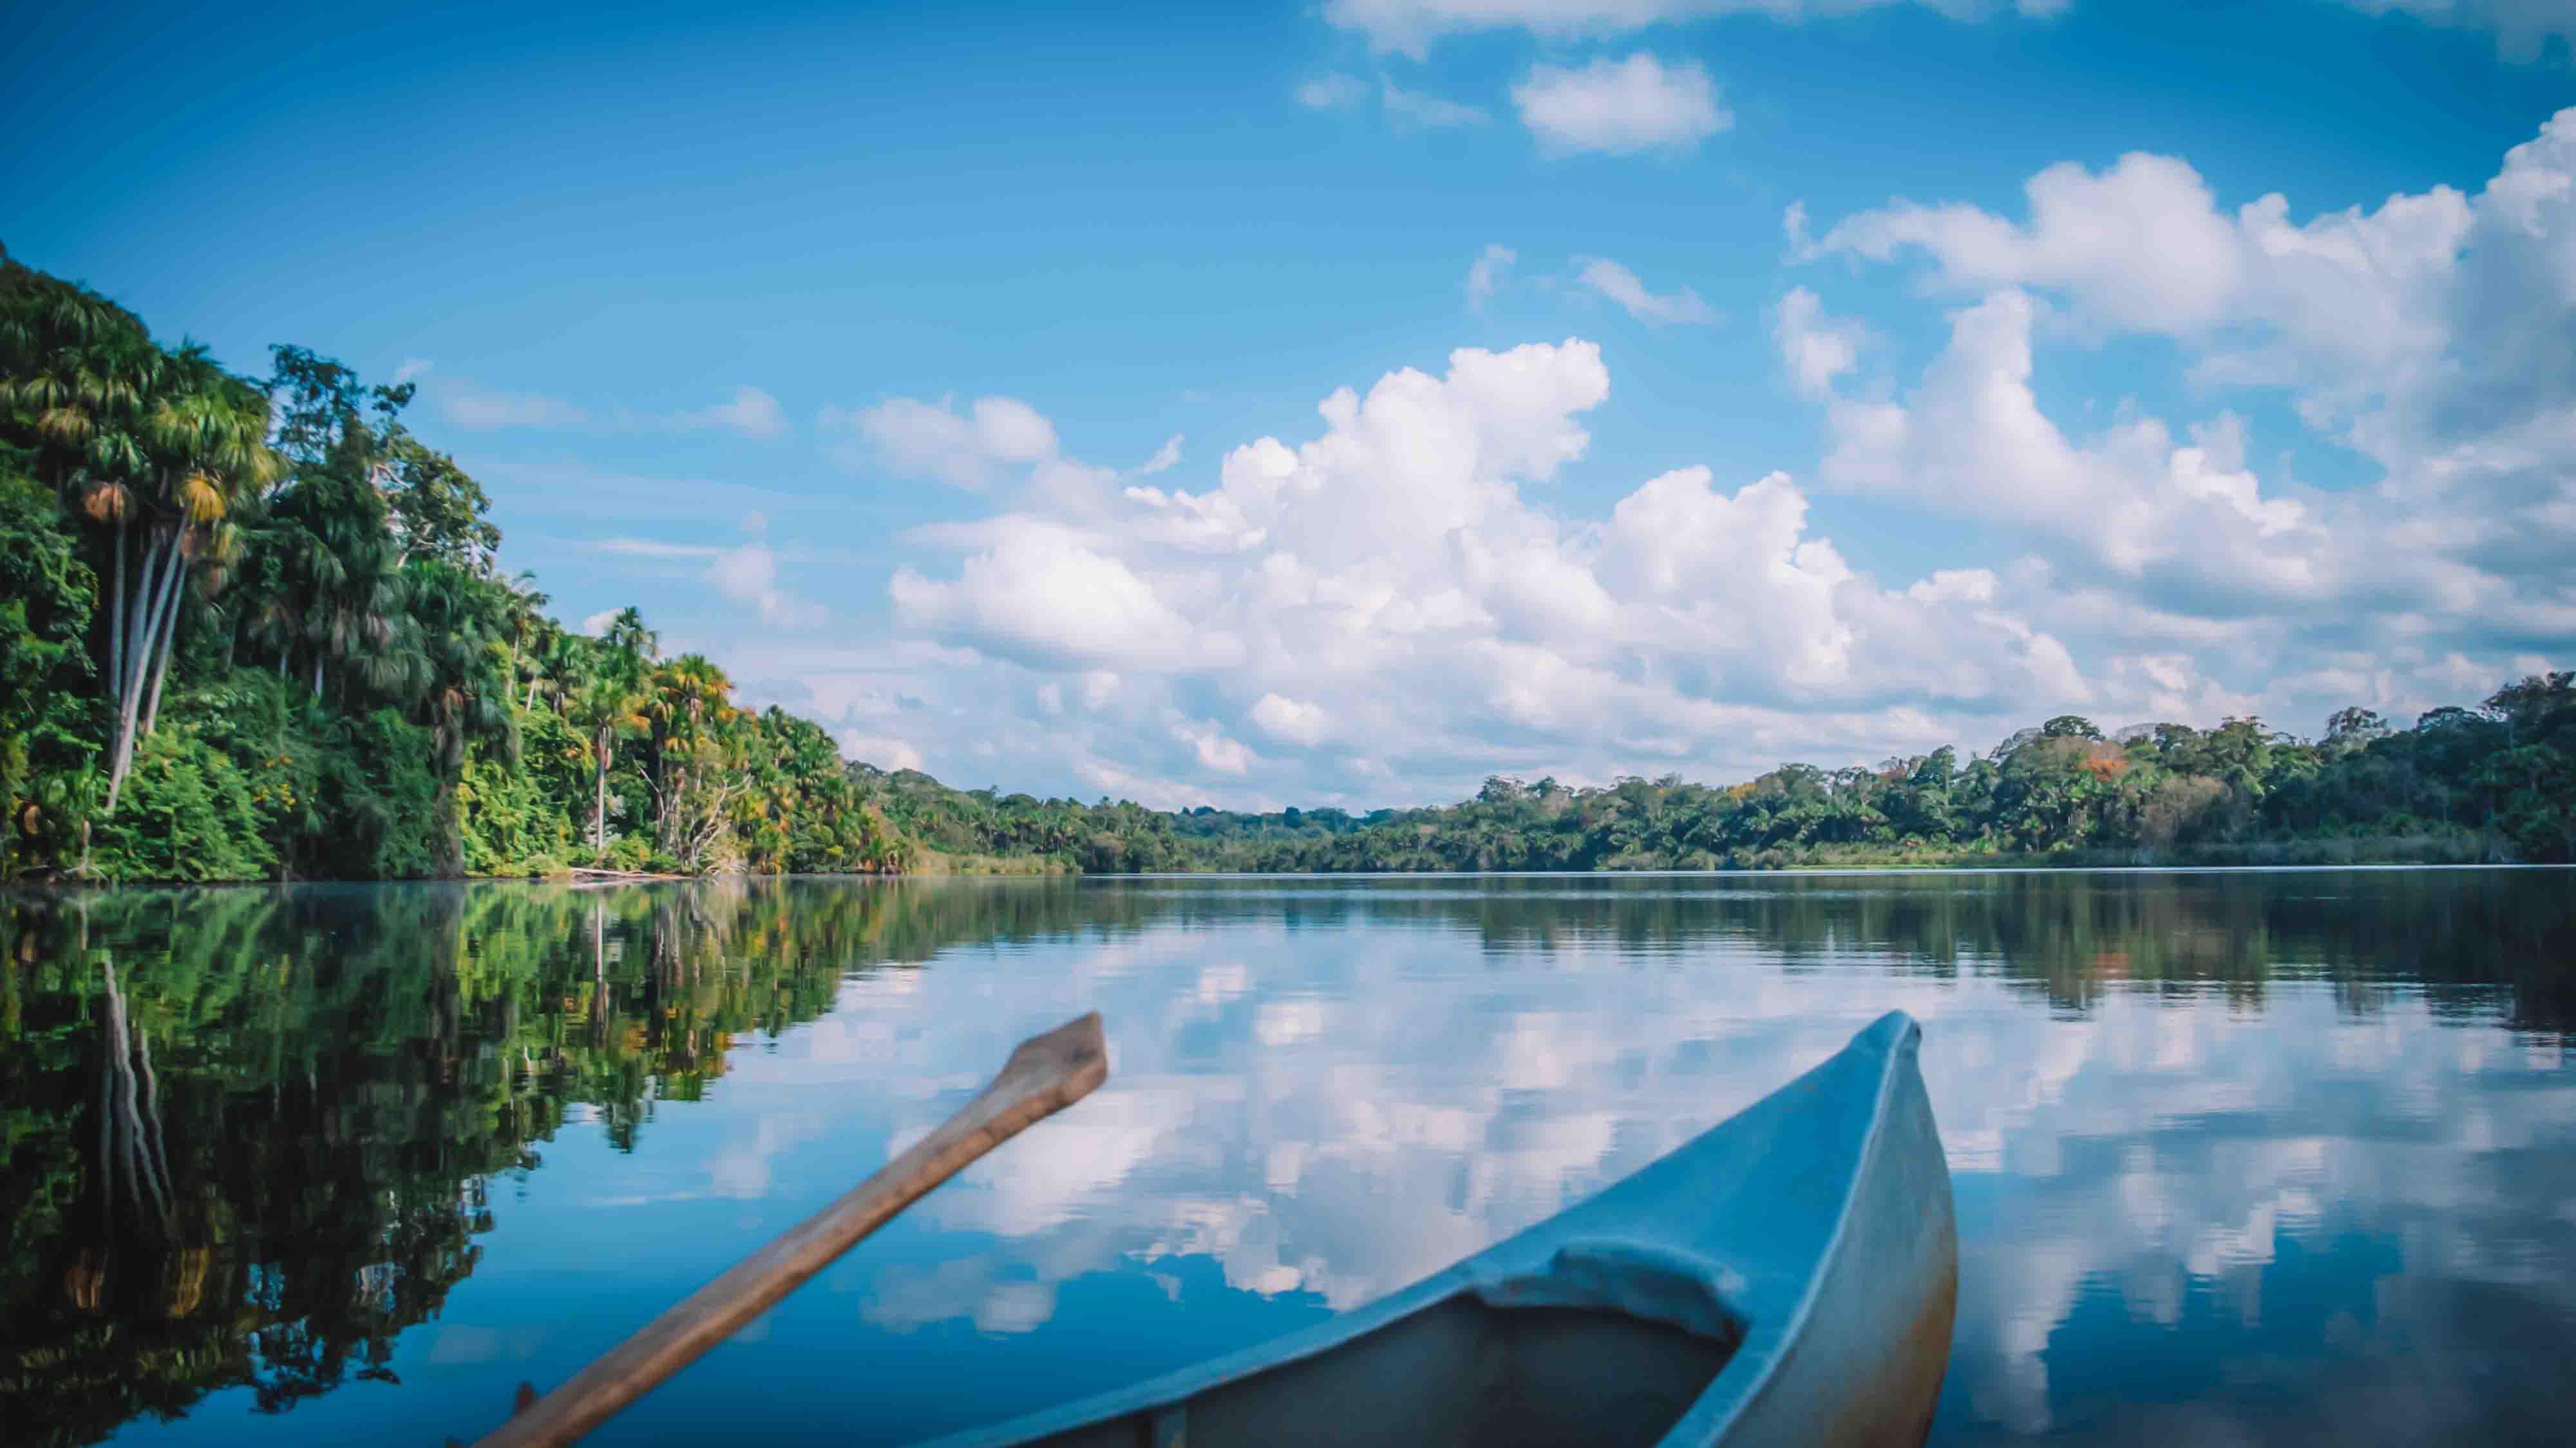 Cocococha lake